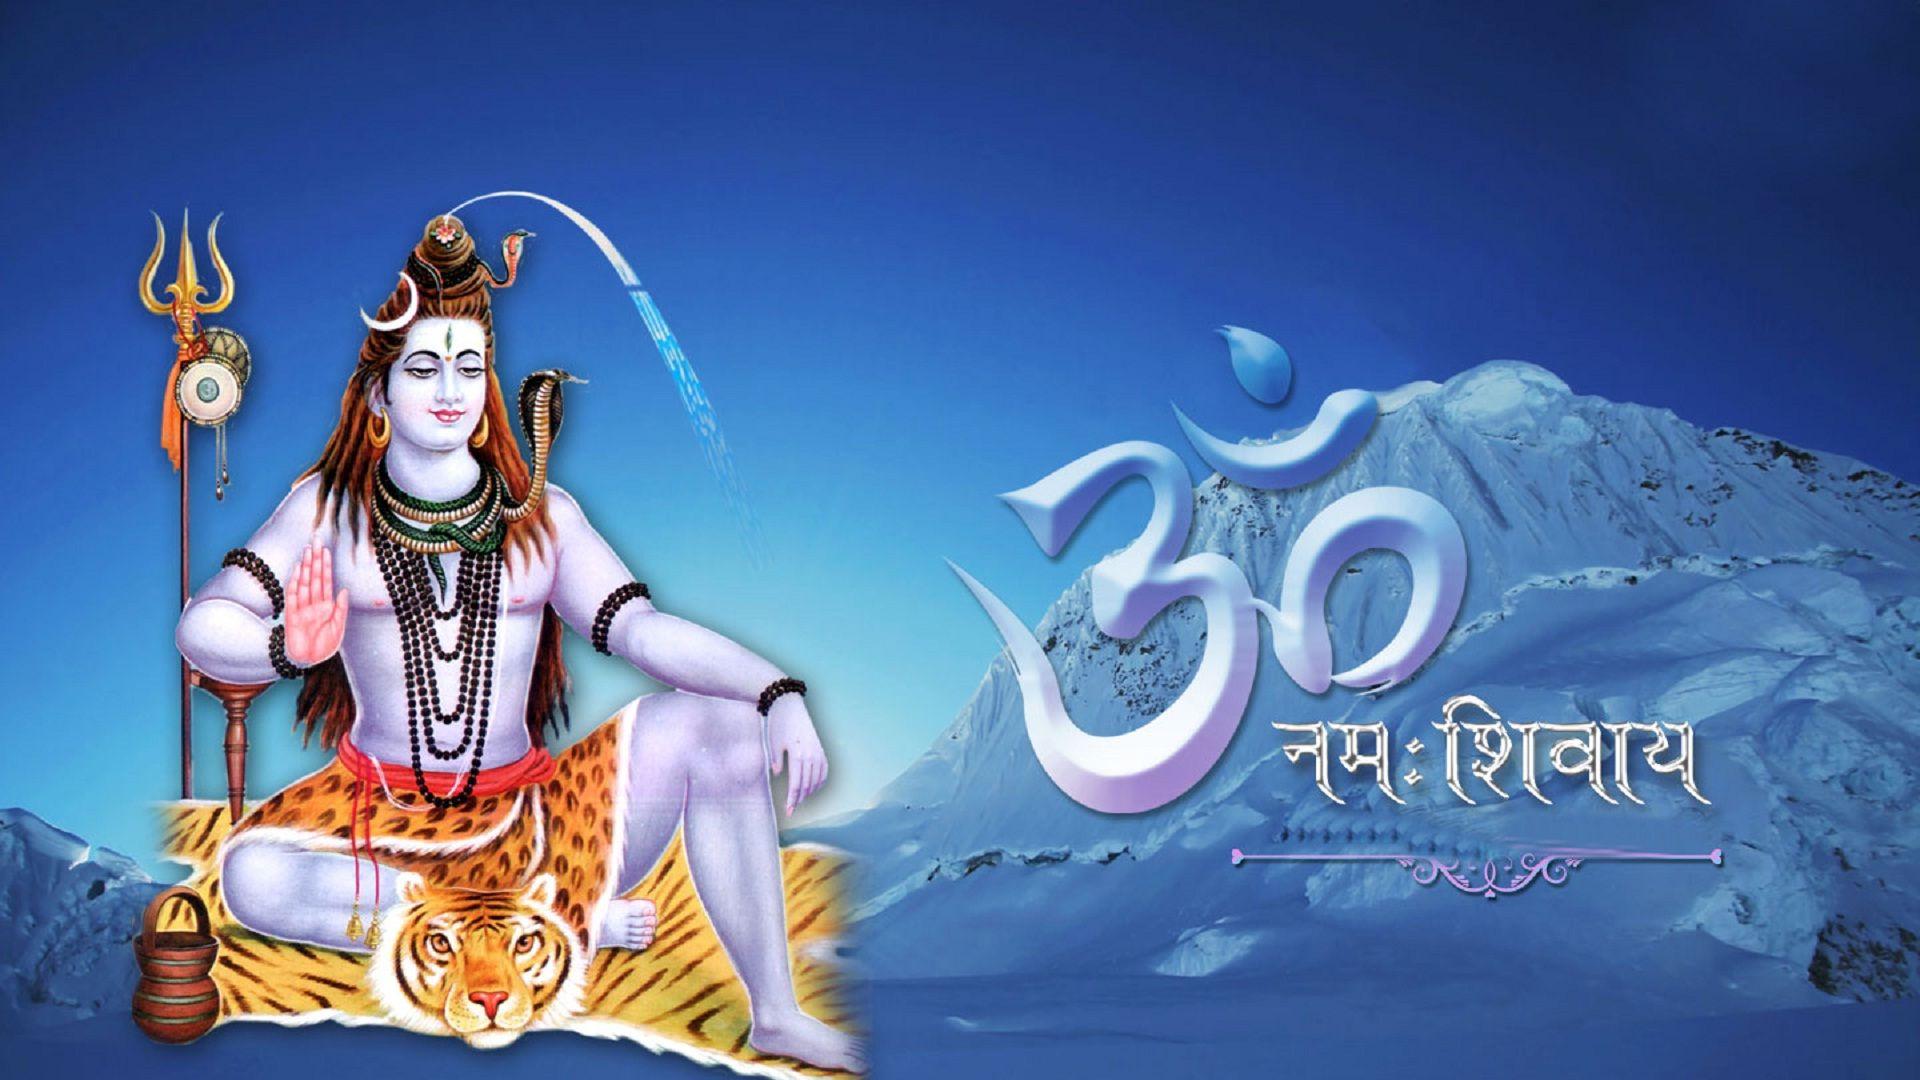 HD Hindu God Desktop Wallpaper 19201080 God Hd Wallpaper 56 1920x1080